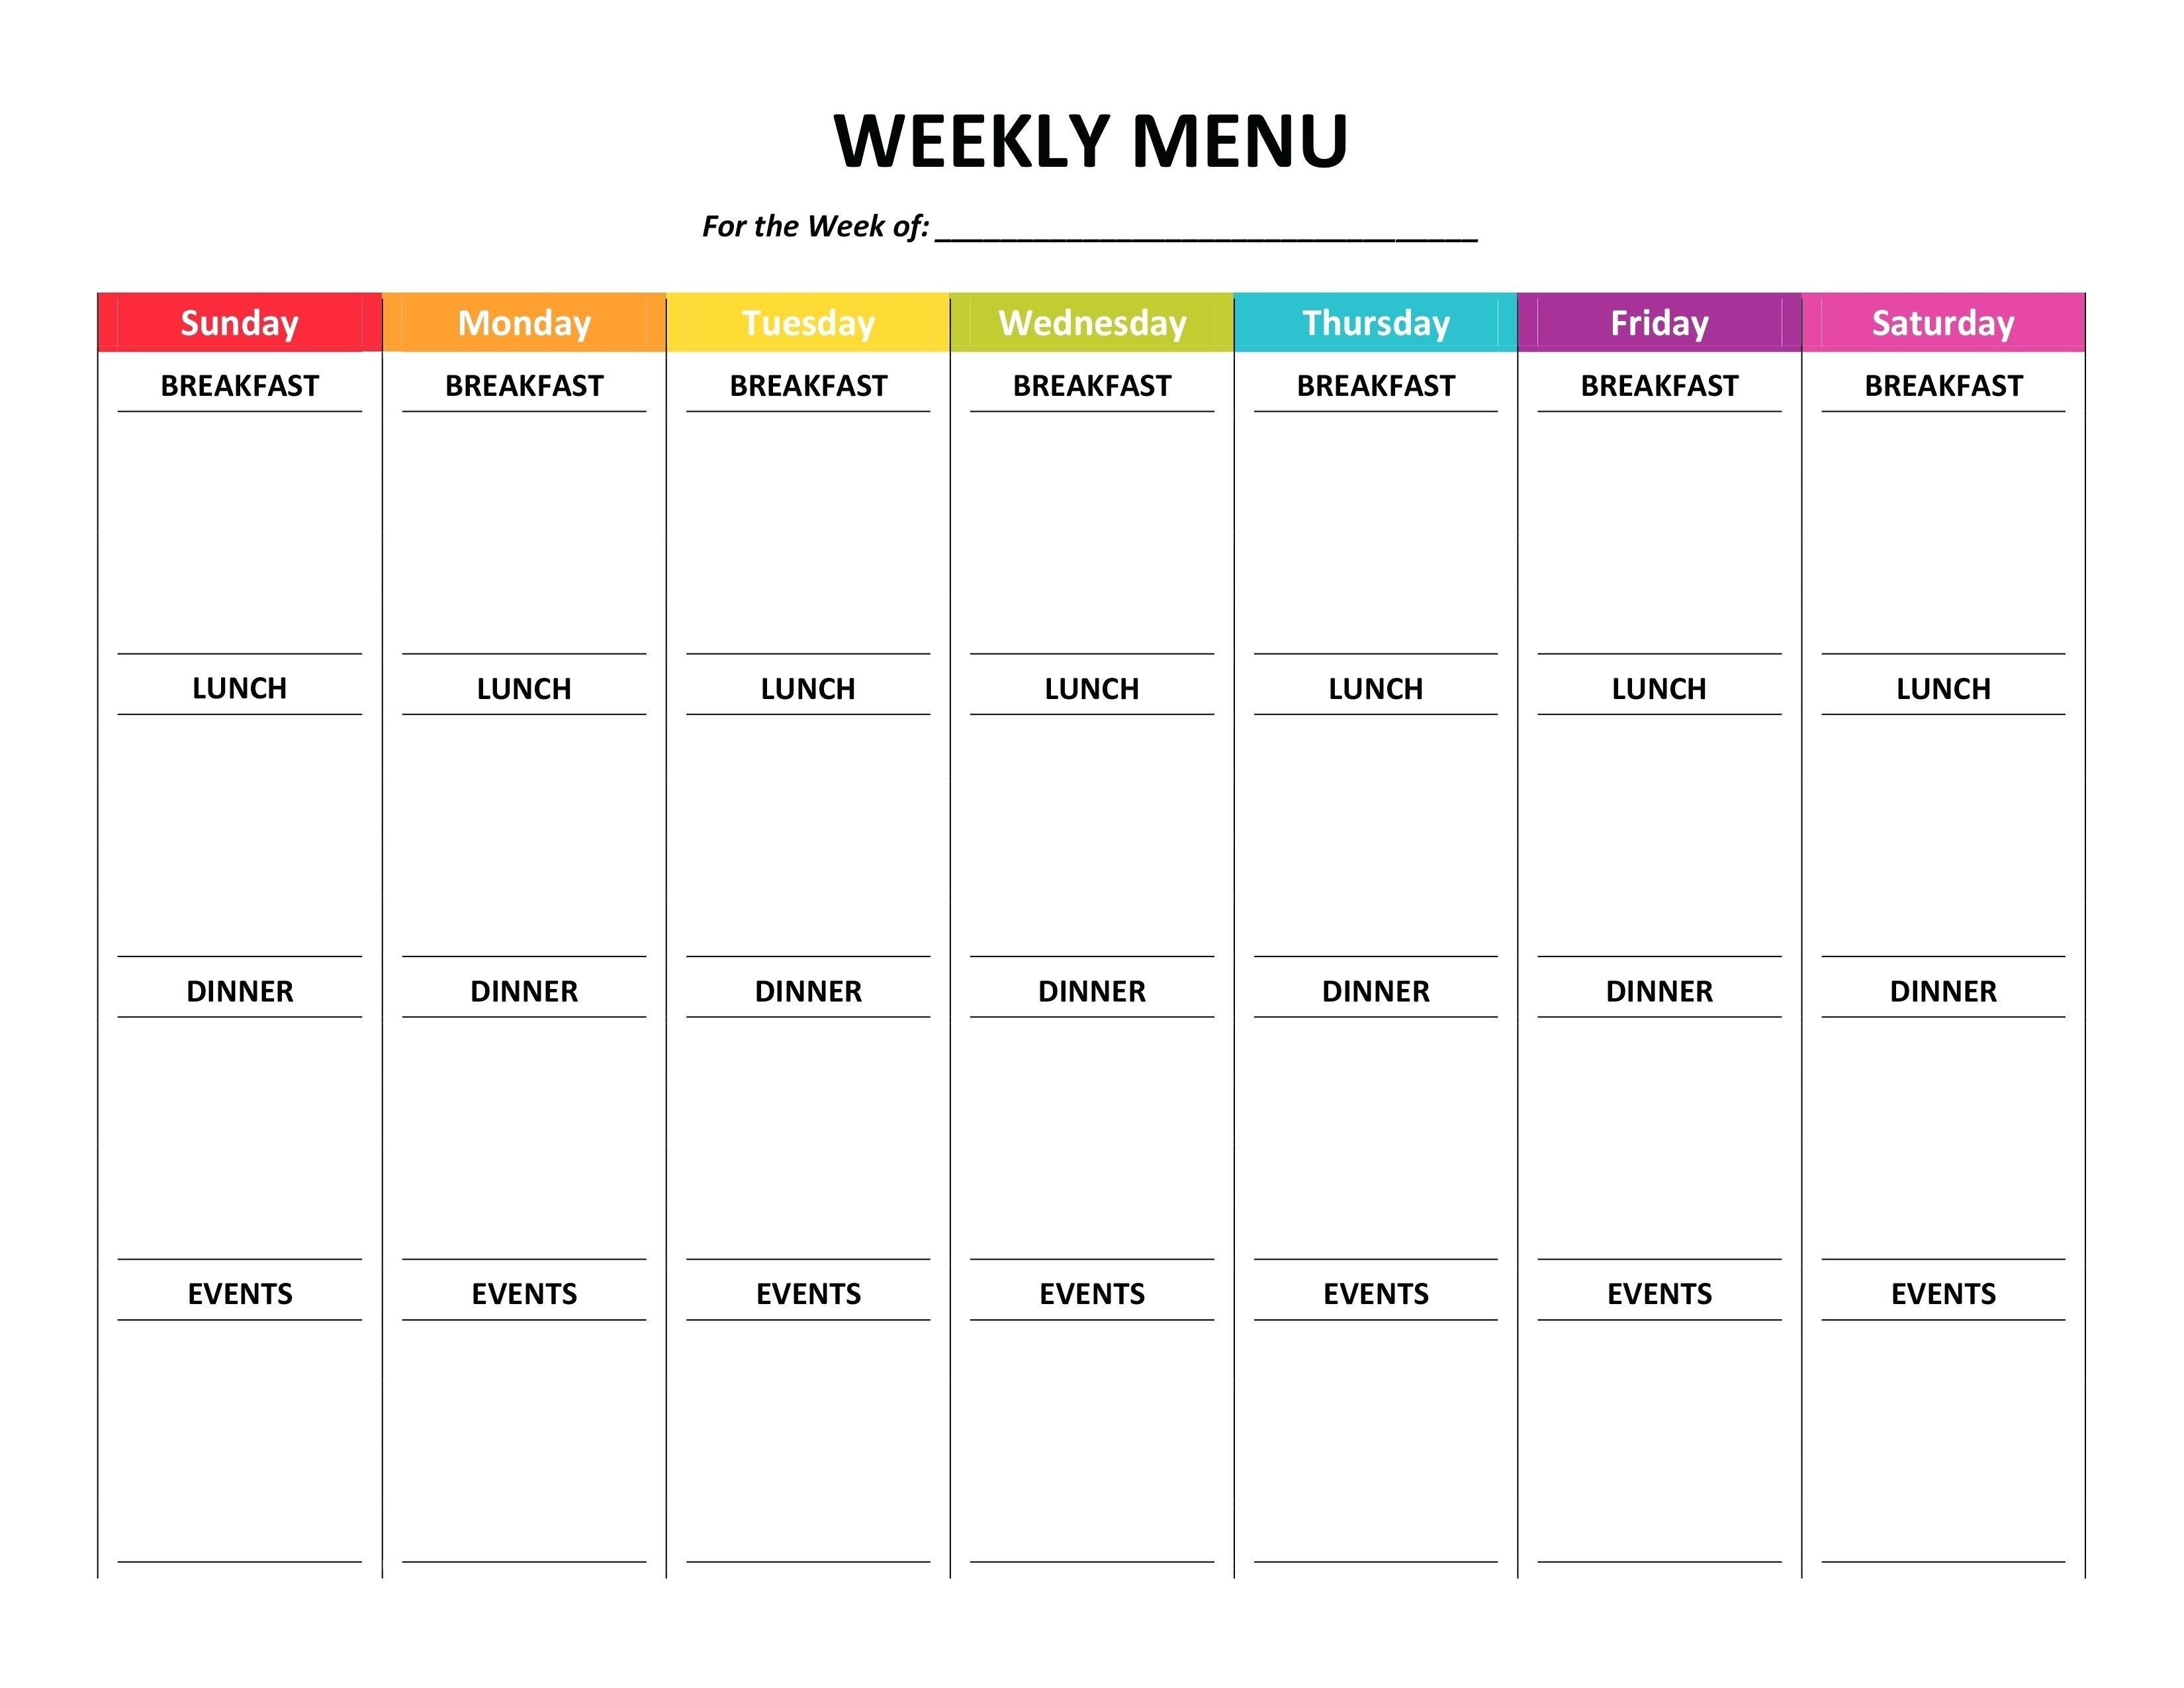 Meal Plan Template Word Weekly Menu Planner Fresh Of ~ Tinypetition With Weekly Menu Template Word